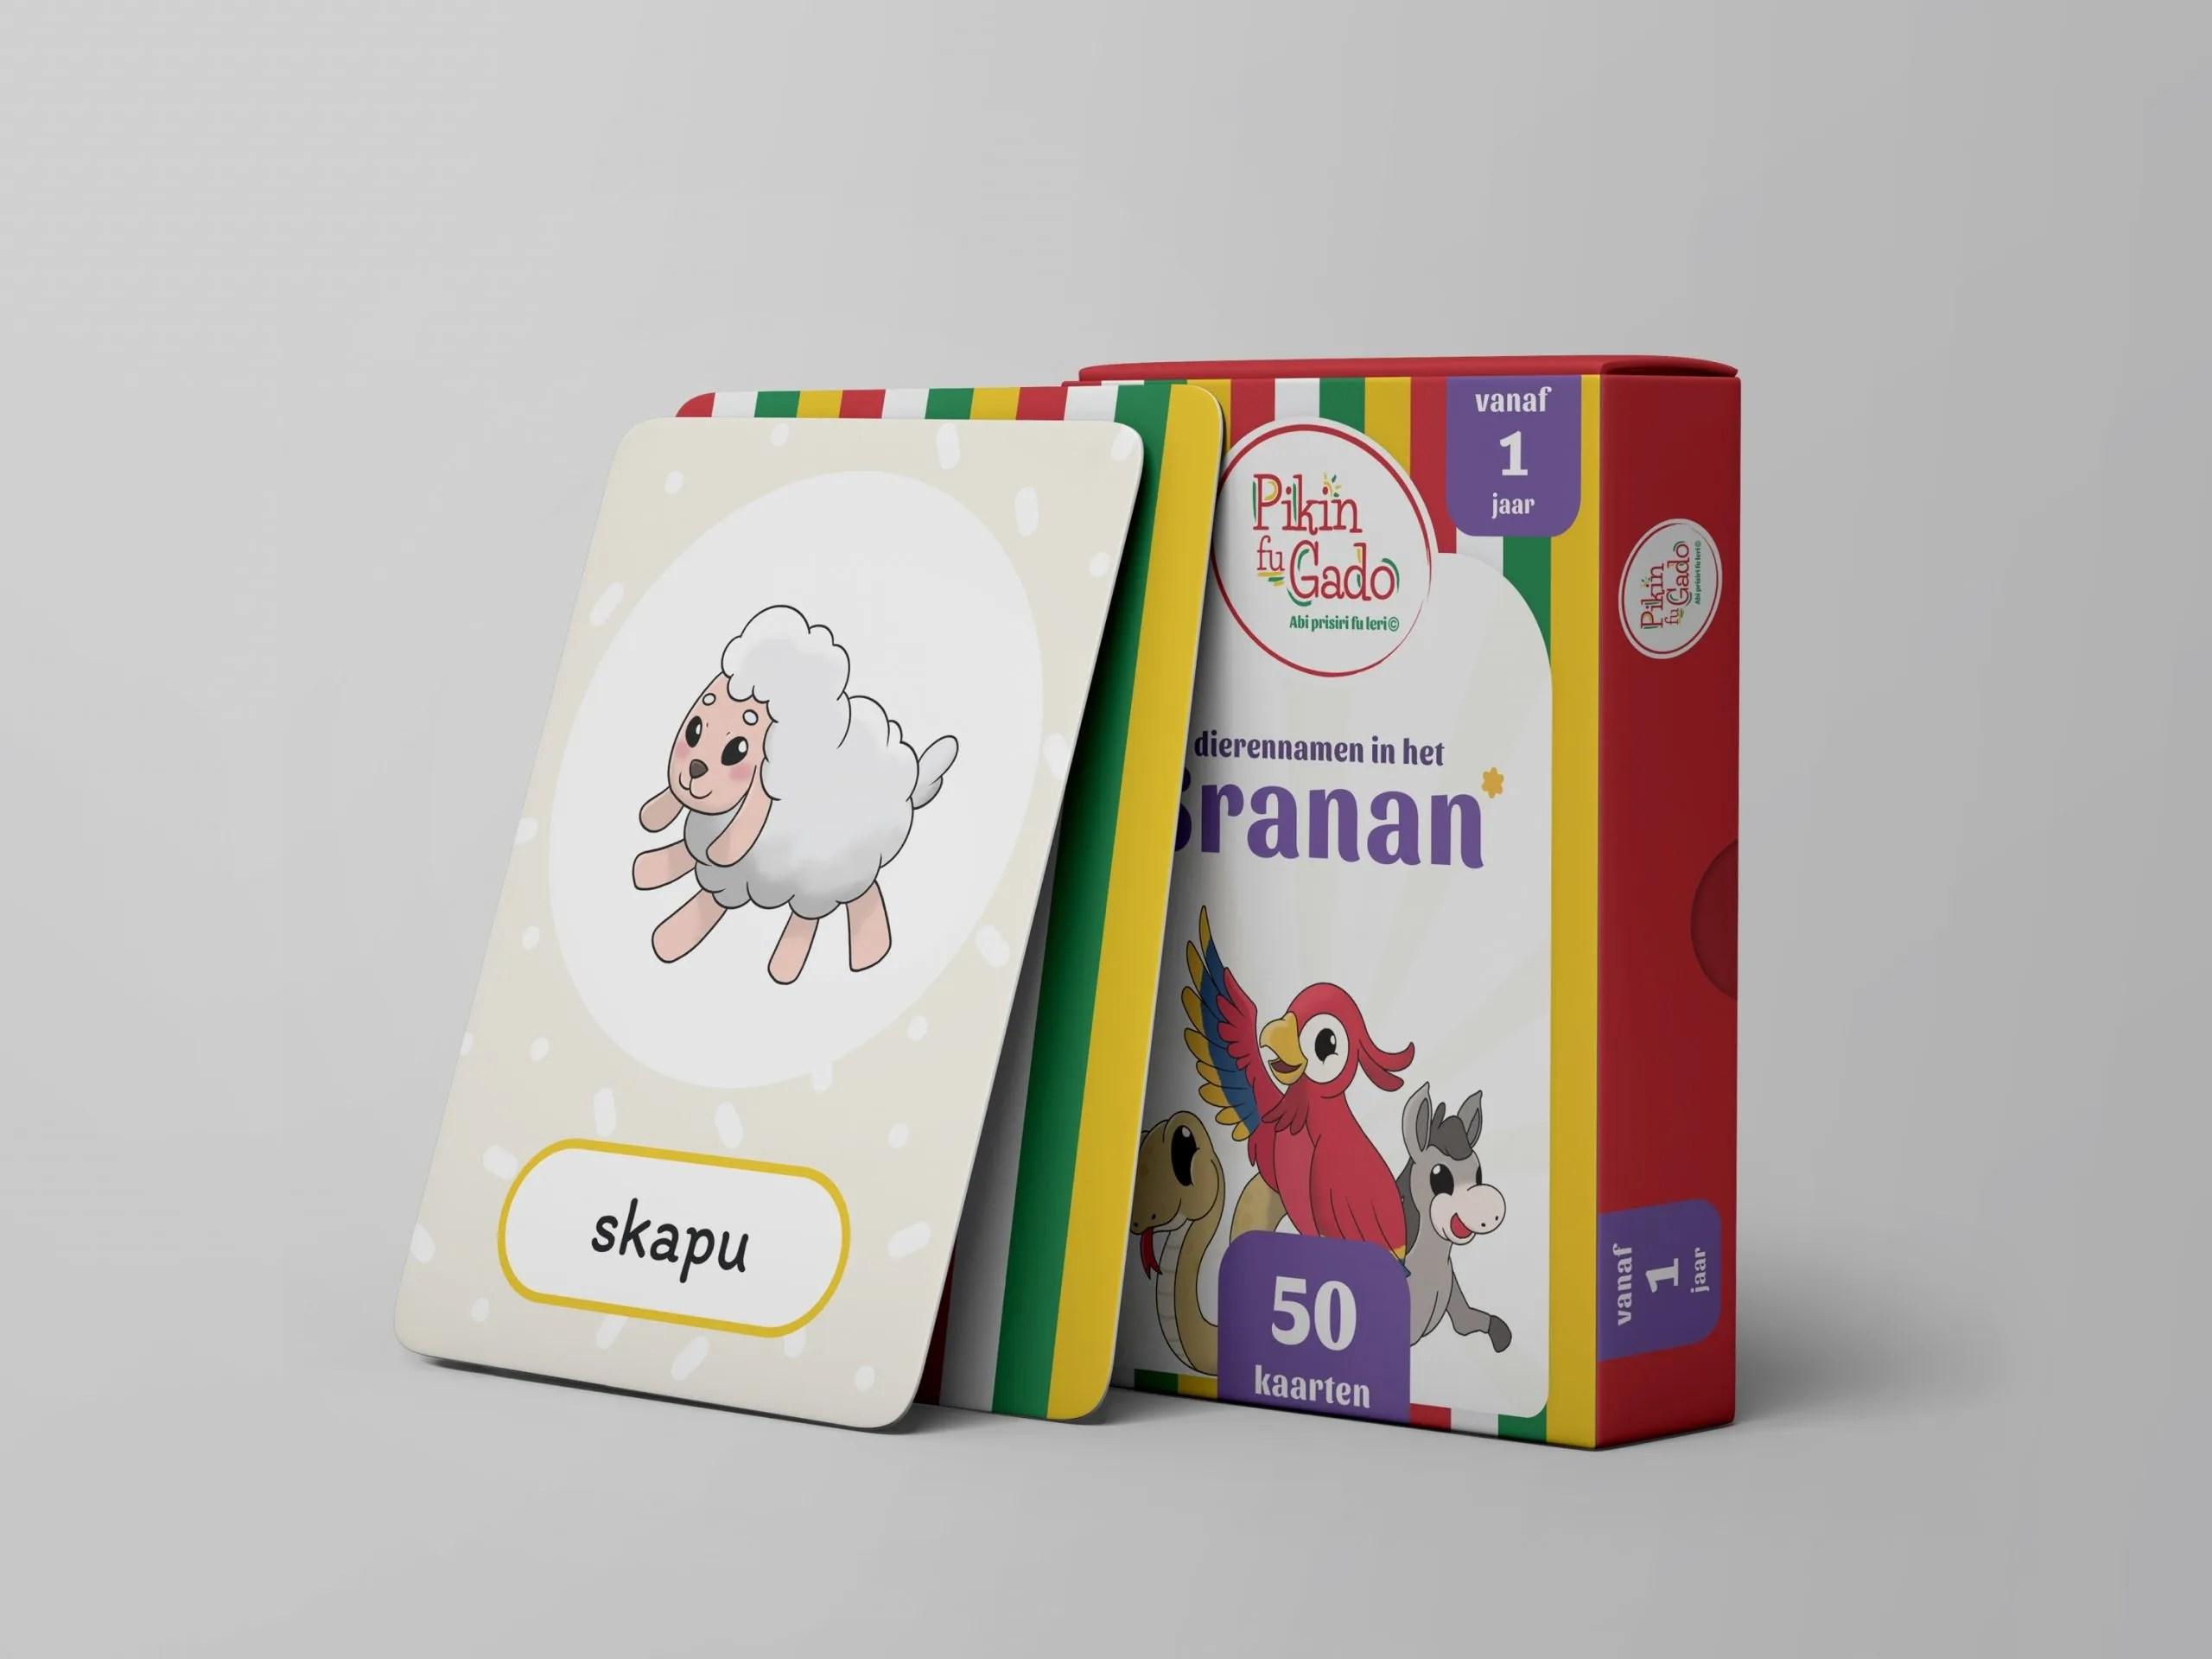 Doos met speelkaarten met een afbeelding van een schaap met daaronder de naam